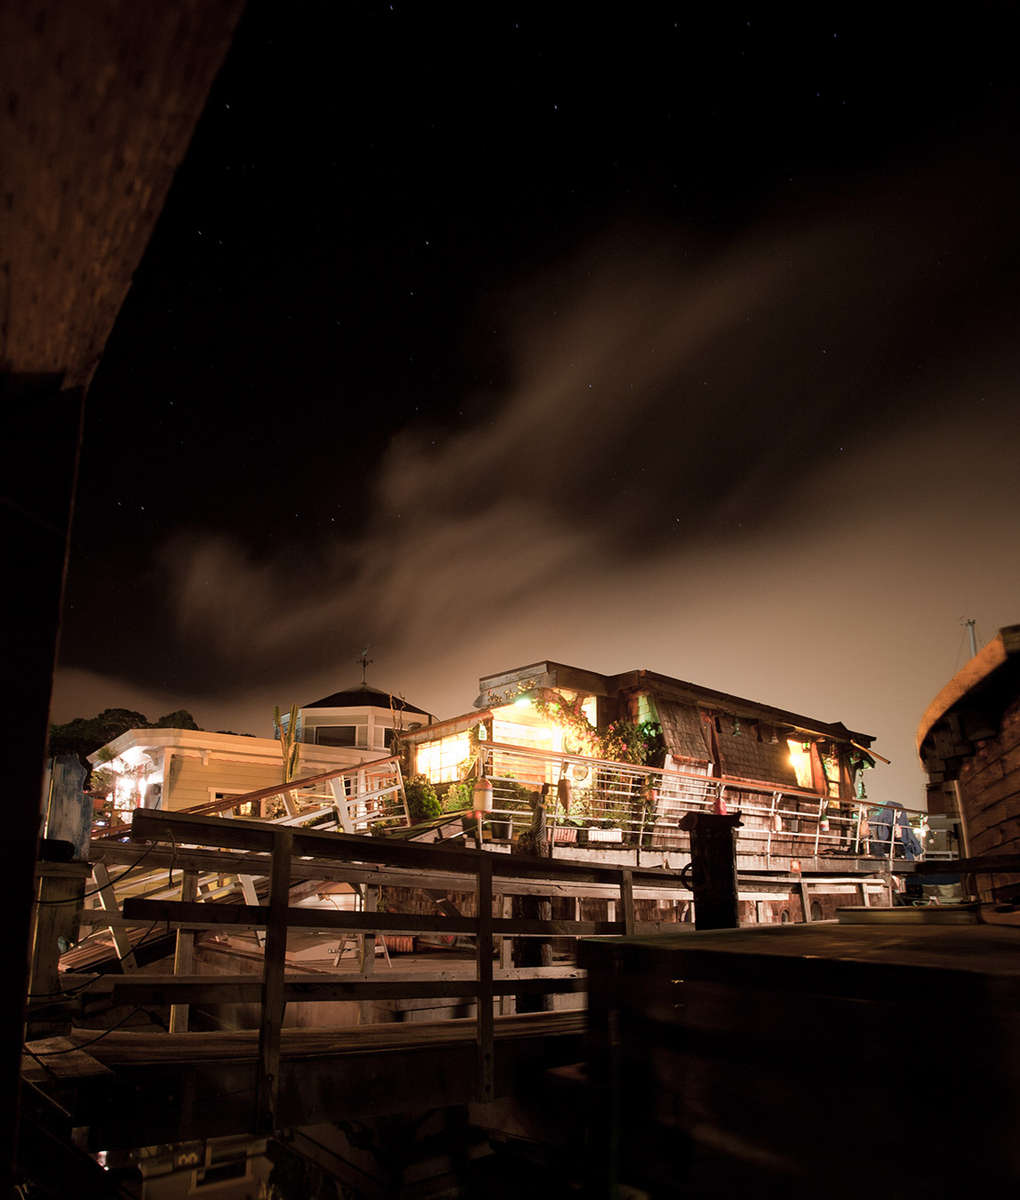 Houseboats & Fog #3 · Sausalito, CA